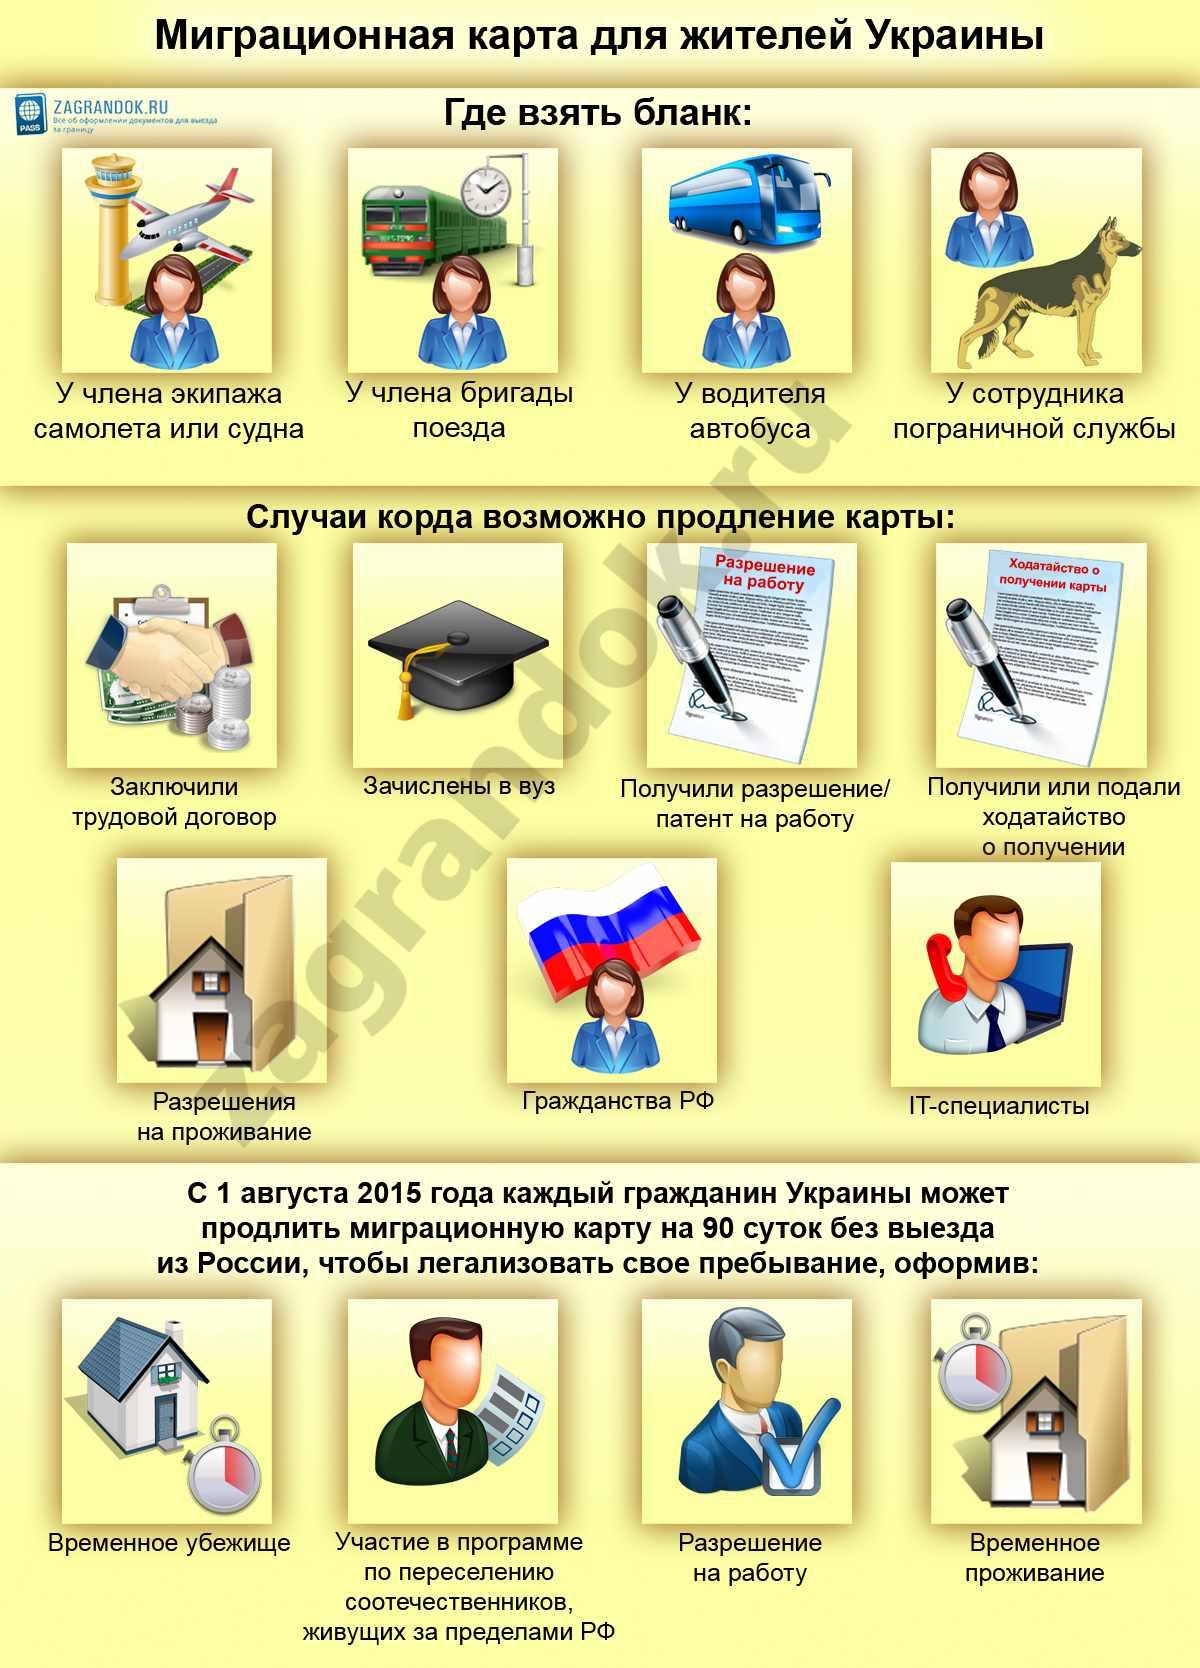 бланки иммиграционных карт украины